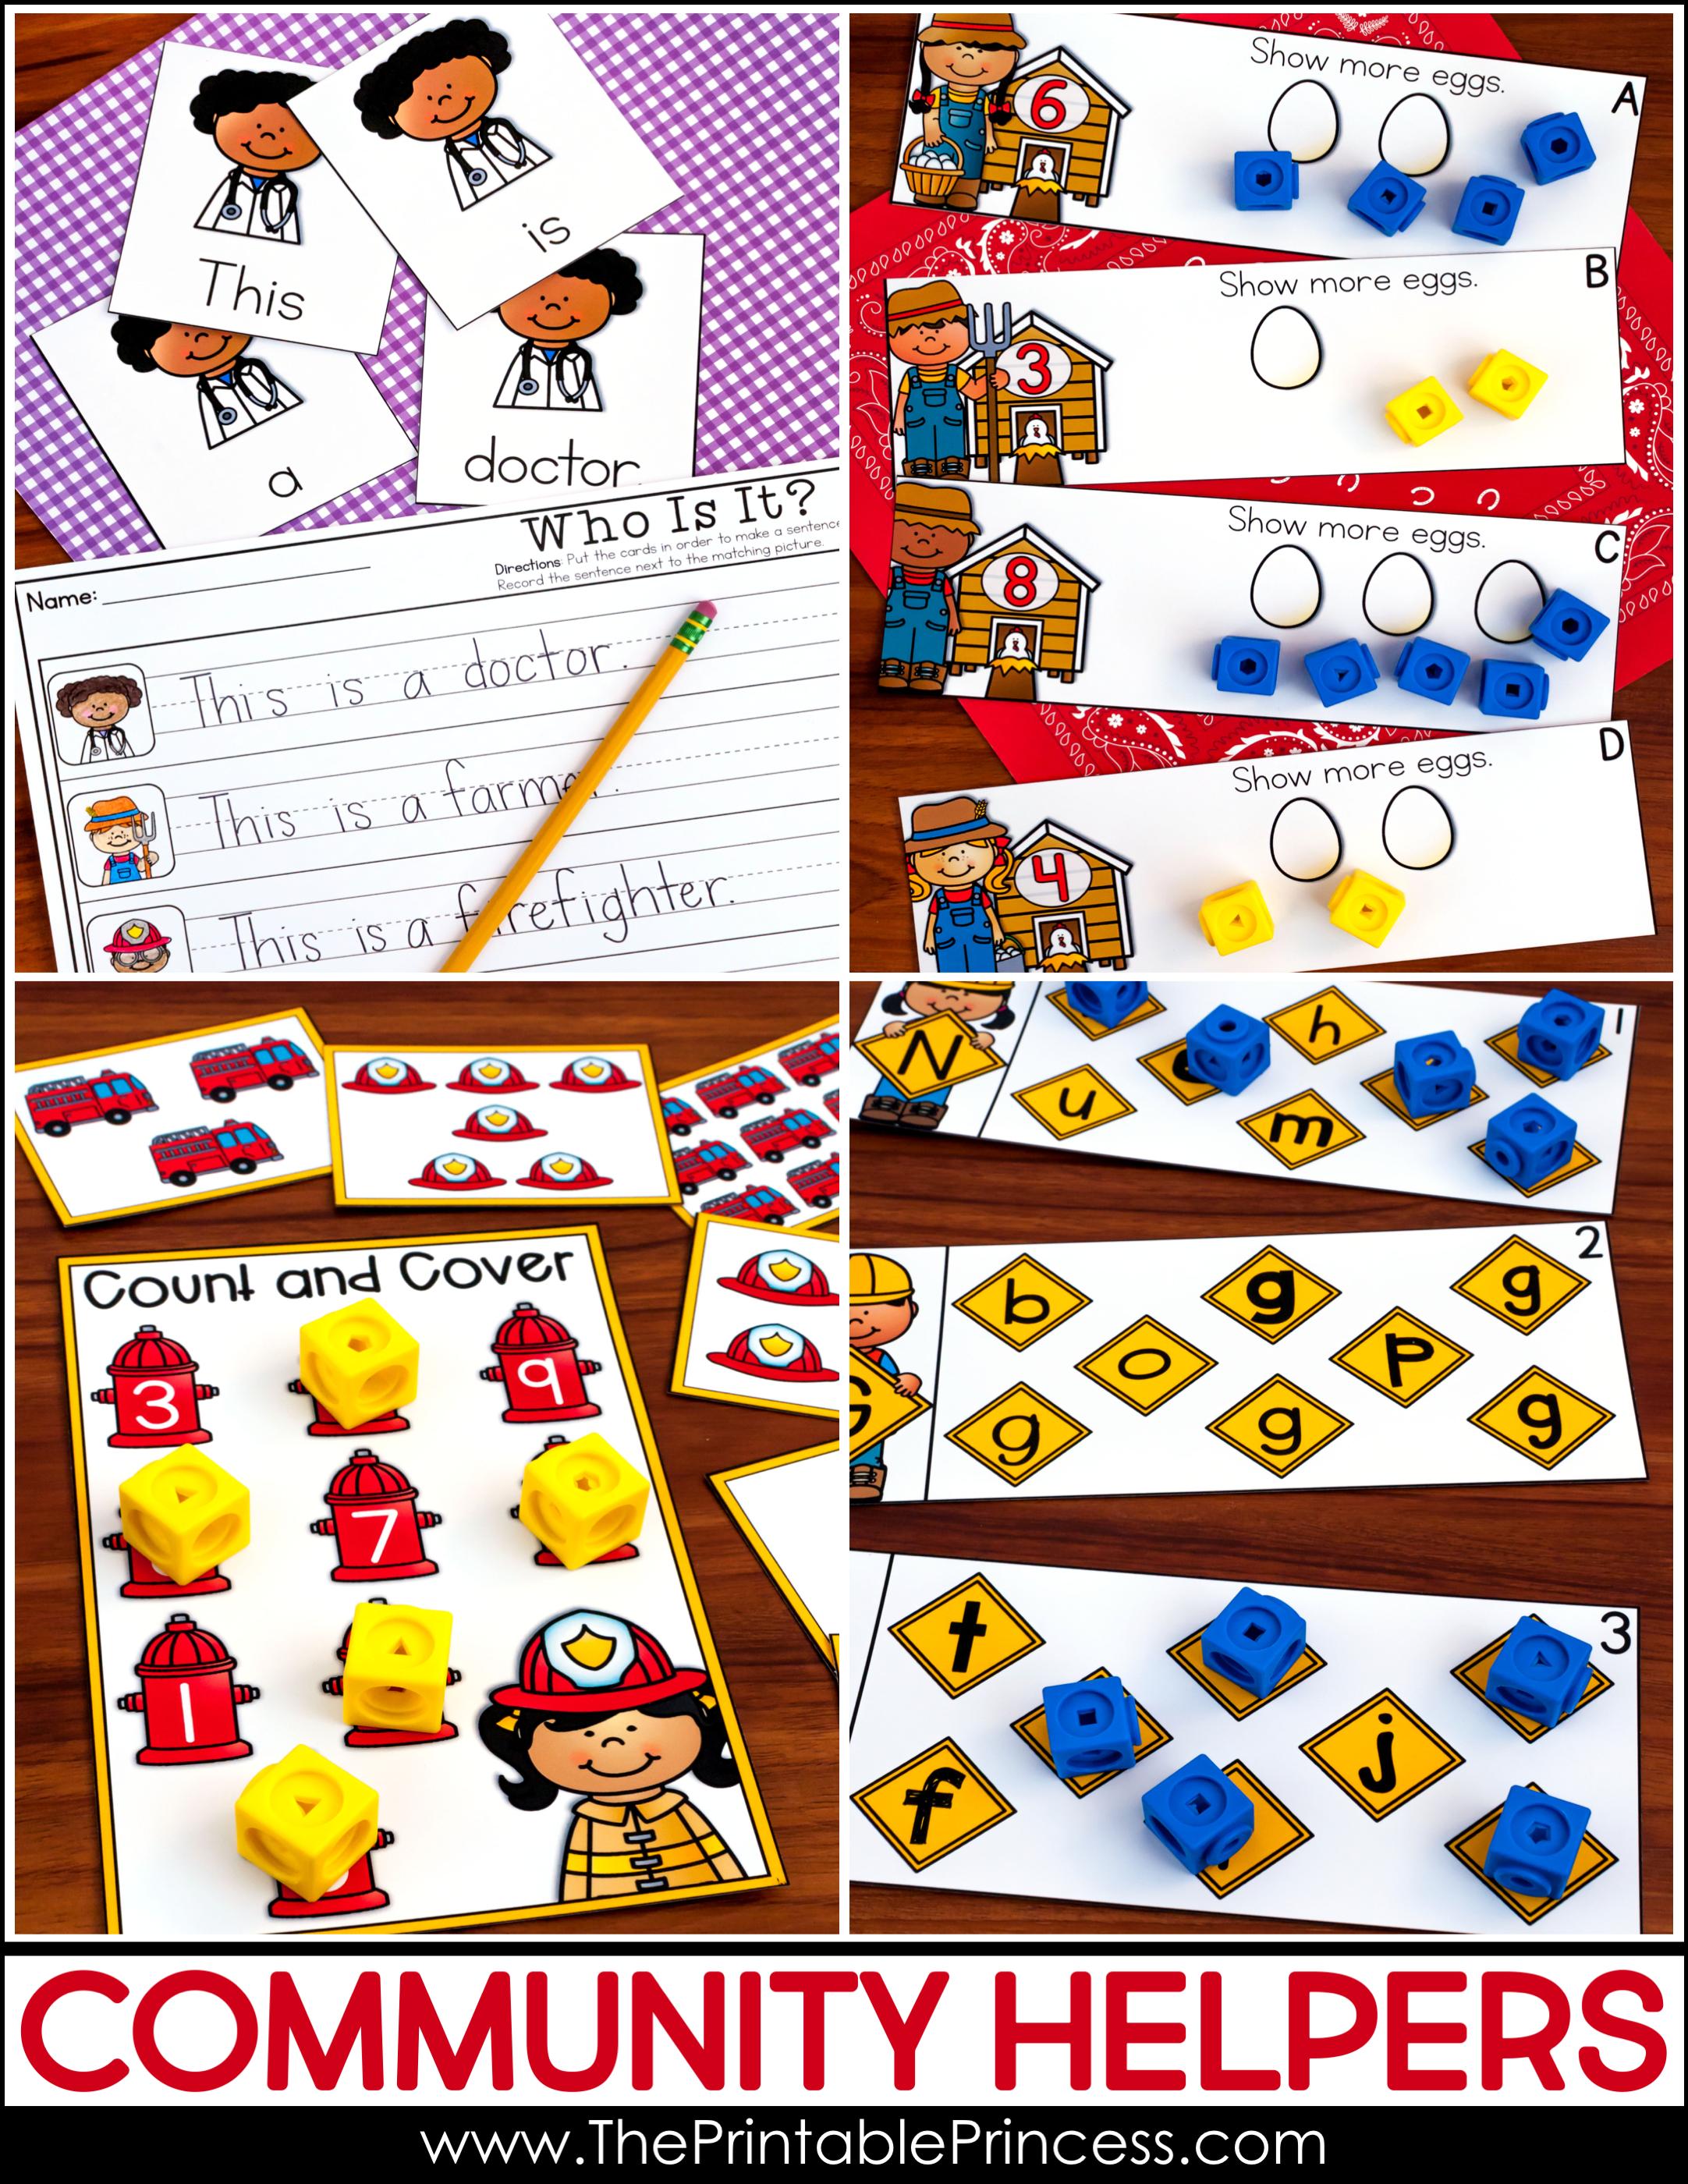 Community Helpers Activities For Kindergarten - 22+ Matching Community Helpers Worksheets For Kindergarten Pdf Images